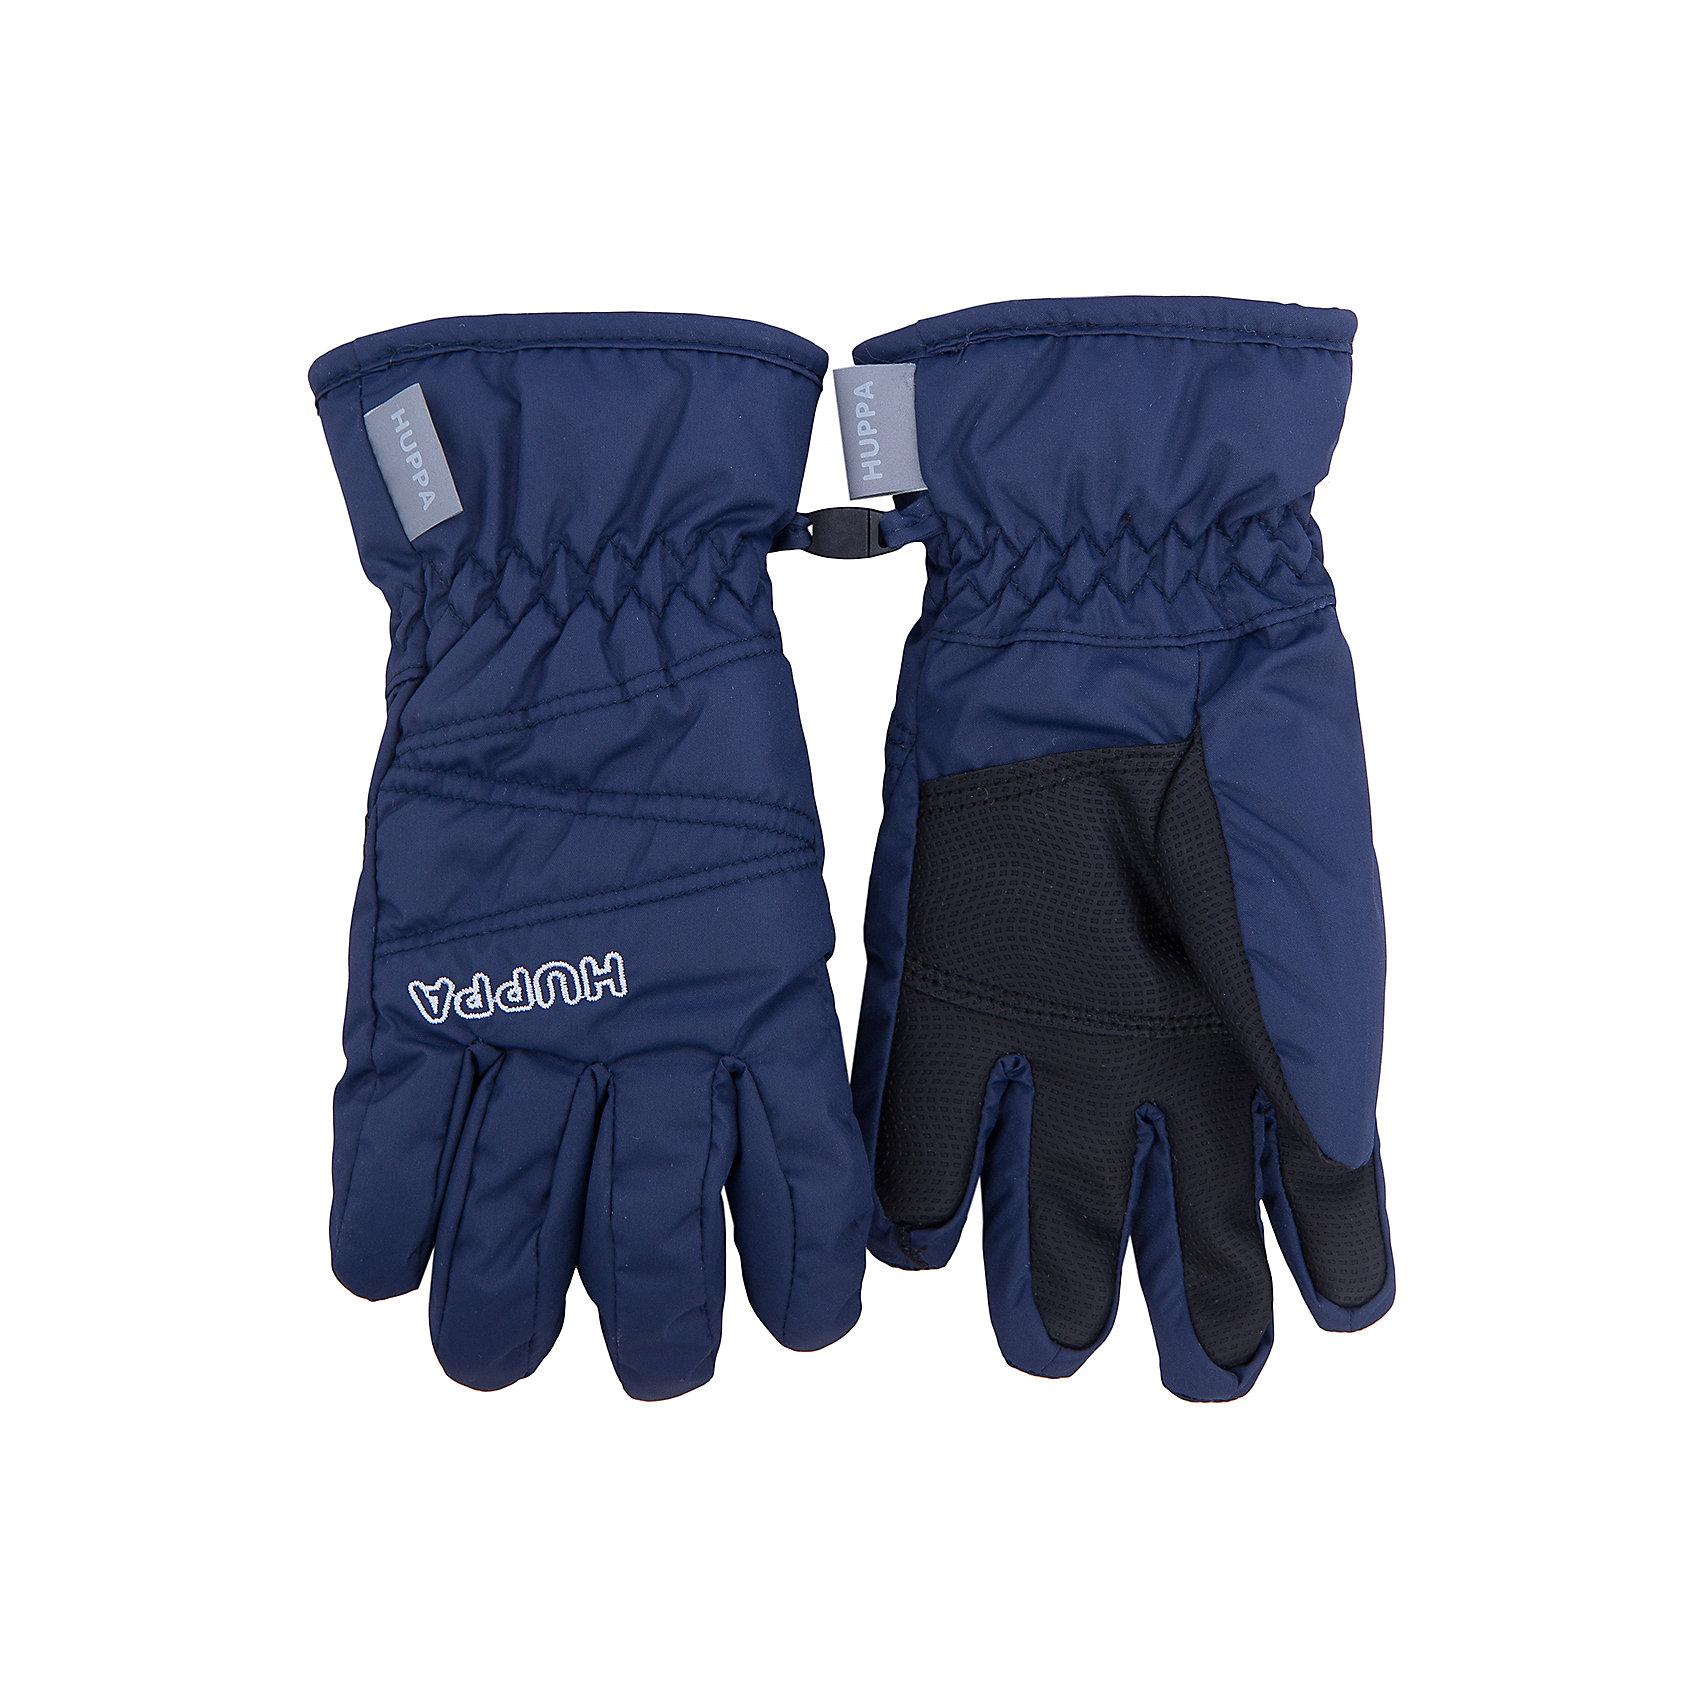 Перчатки    HuppaПерчатки, варежки<br>Классические зимние перчатки KERAN Huppa(Хуппа).<br><br>Утеплитель: 100% полиэстер, 90 гр.<br><br>Температурный режим: до -20 градусов. Степень утепления – средняя. <br><br>* Температурный режим указан приблизительно — необходимо, прежде всего, ориентироваться на ощущения ребенка. Температурный режим работает в случае соблюдения правила многослойности – использования флисовой поддевы и термобелья.<br><br>С подкладкой из полиэстера имеют водоотталкивающую поверхность, обеспечивающую тепло и сухость рук. На запястьях есть резинка, позволяющая перчаткам надежно держаться на руках. Украшены вышивкой HUPPA. Такие перчатки отлично подойдут для зимних прогулок.<br><br>Дополнительная информация:<br>Цвет: темно-синий<br>Материал: 100% полиэстер<br>Подкладка: pritex, 100% полиэстер<br><br>Перчатки KERAN Huppa(Хуппа) можно купить в нашем интернет-магазине.<br><br>Ширина мм: 162<br>Глубина мм: 171<br>Высота мм: 55<br>Вес г: 119<br>Цвет: синий<br>Возраст от месяцев: 108<br>Возраст до месяцев: 156<br>Пол: Унисекс<br>Возраст: Детский<br>Размер: 8,3,4,5,6,7<br>SKU: 4923761